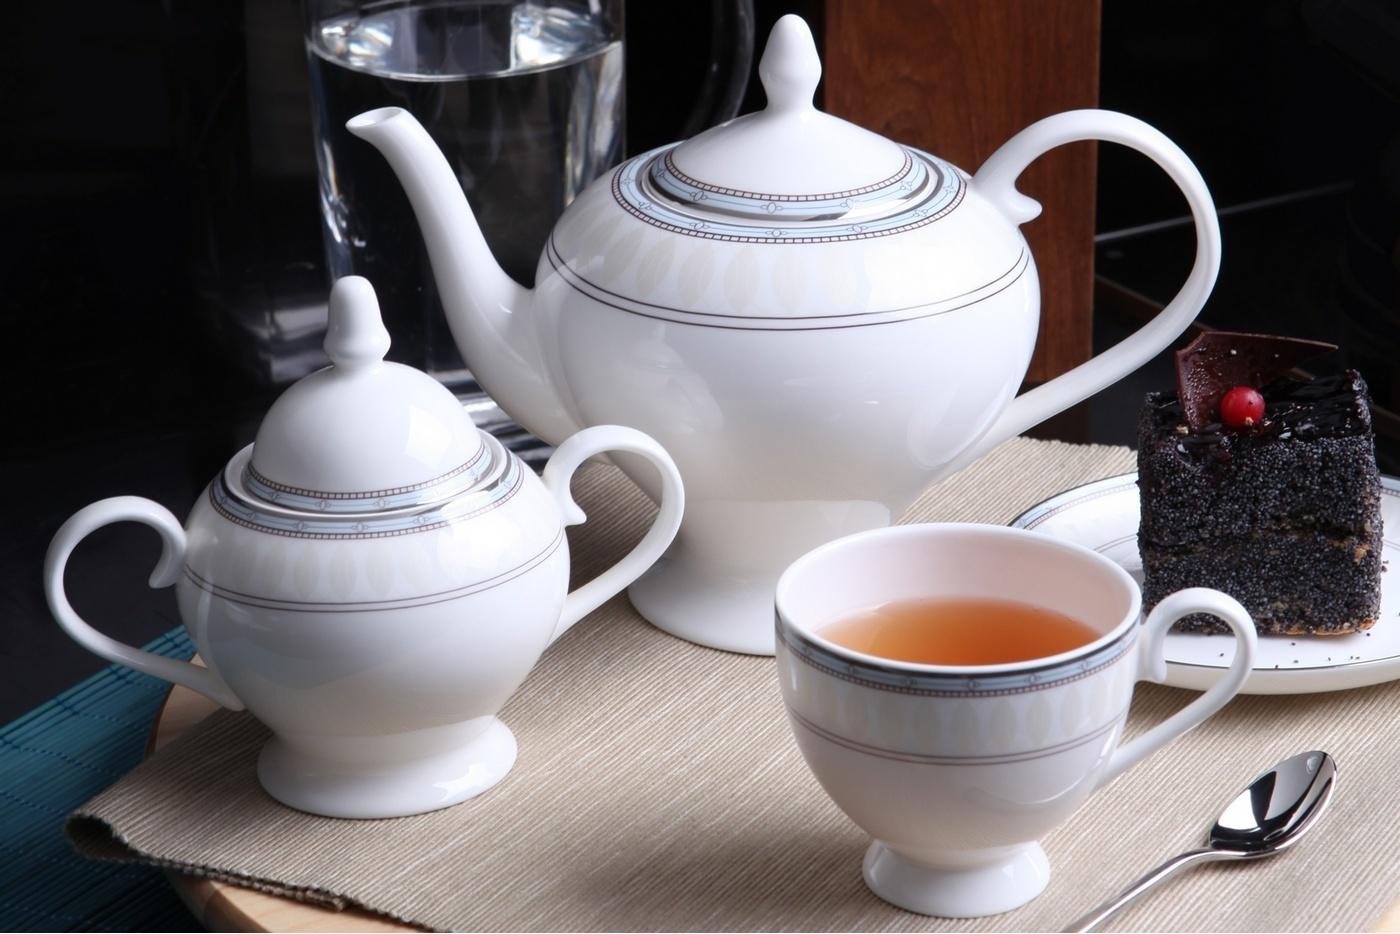 Чайный сервиз Royal Aurel Британия арт.107, 15 предметовЧайные сервизы<br>Чайный сервиз Royal Aurel Британия арт.107, 15 предметов<br><br><br><br><br><br><br><br><br><br><br>Чашка 270 мл,6 шт.<br>Блюдце 15 см,6 шт.<br>Чайник 1100 мл<br>Сахарница 370 мл<br><br><br><br><br><br><br><br><br>Молочник 300 мл<br><br><br><br><br><br><br><br><br>Производить посуду из фарфора начали в Китае на стыке 6-7 веков. Неустанно совершенствуя и селективно отбирая сырье для производства посуды из фарфора, мастерам удалось добиться выдающихся характеристик фарфора: белизны и тонкостенности. В XV веке появился особый интерес к китайской фарфоровой посуде, так как в это время Европе возникла мода на самобытные китайские вещи. Роскошный китайский фарфор являлся изыском и был в новинку, поэтому он выступал в качестве подарка королям, а также знатным людям. Такой дорогой подарок был очень престижен и по праву являлся элитной посудой. Как известно из многочисленных исторических документов, в Европе китайские изделия из фарфора ценились практически как золото. <br>Проверка изделий из костяного фарфора на подлинность <br>По сравнению с производством других видов фарфора процесс производства изделий из настоящего костяного фарфора сложен и весьма длителен. Посуда из изящного фарфора - это элитная посуда, которая всегда ассоциируется с богатством, величием и благородством. Несмотря на небольшую толщину, фарфоровая посуда - это очень прочное изделие. Для демонстрации плотности и прочности фарфора можно легко коснуться предметов посуды из фарфора деревянной палочкой, и тогда мы услушим характерный металлический звон. В составе фарфоровой посуды присутствует костяная зола, благодаря чему она может быть намного тоньше (не более 2,5 мм) и легче твердого или мягкого фарфора. Безупречная белизна - ключевой признак отличия такого фарфора от других. Цвет обычного фарфора сероватый или ближе к голубоватому, а костяной фарфор будет всегда будет молочно-белого цвета. Характерная и немаловажная деталь - это н